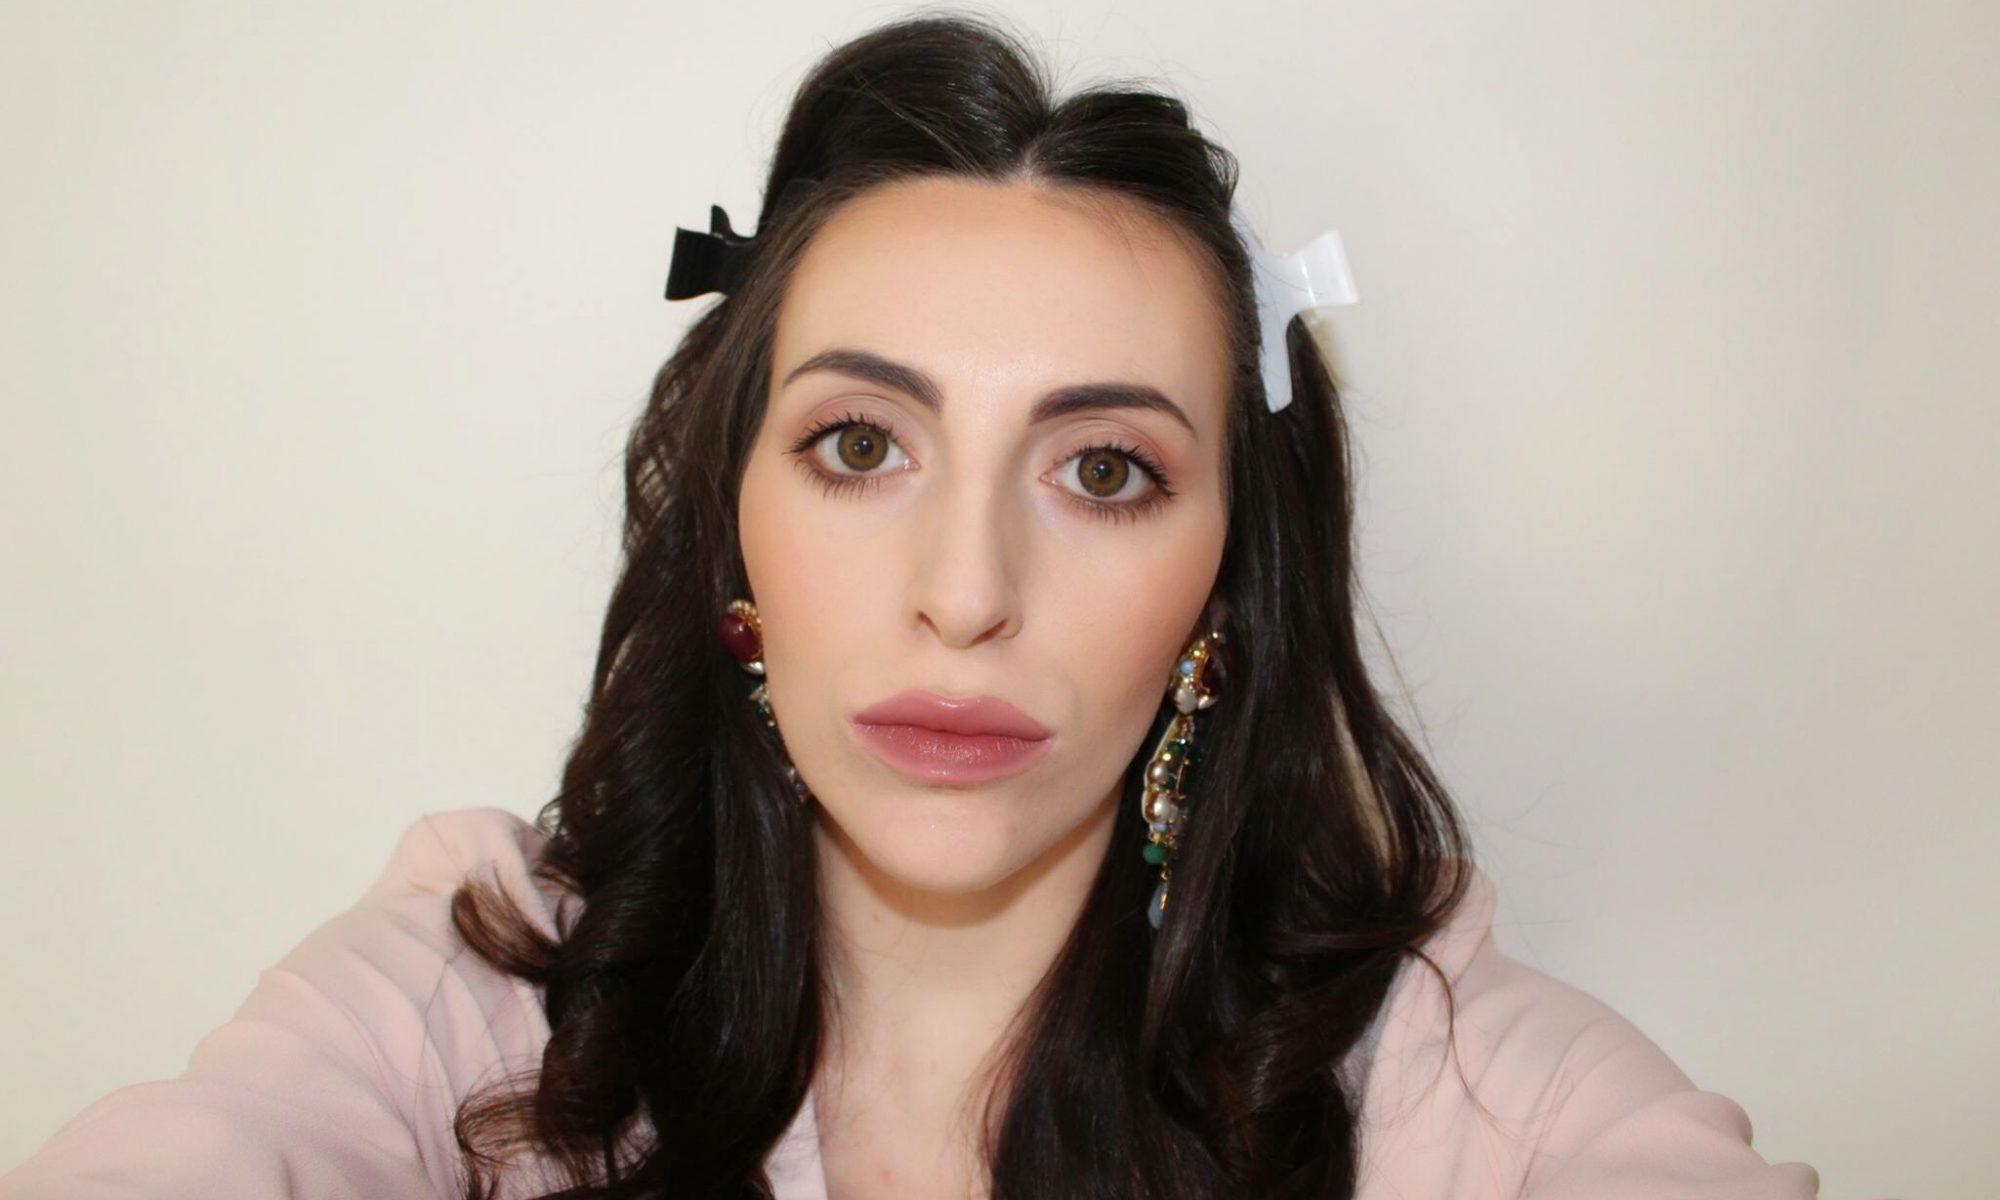 Capelli Mossi Senza Piastra Come Nicole Carosini